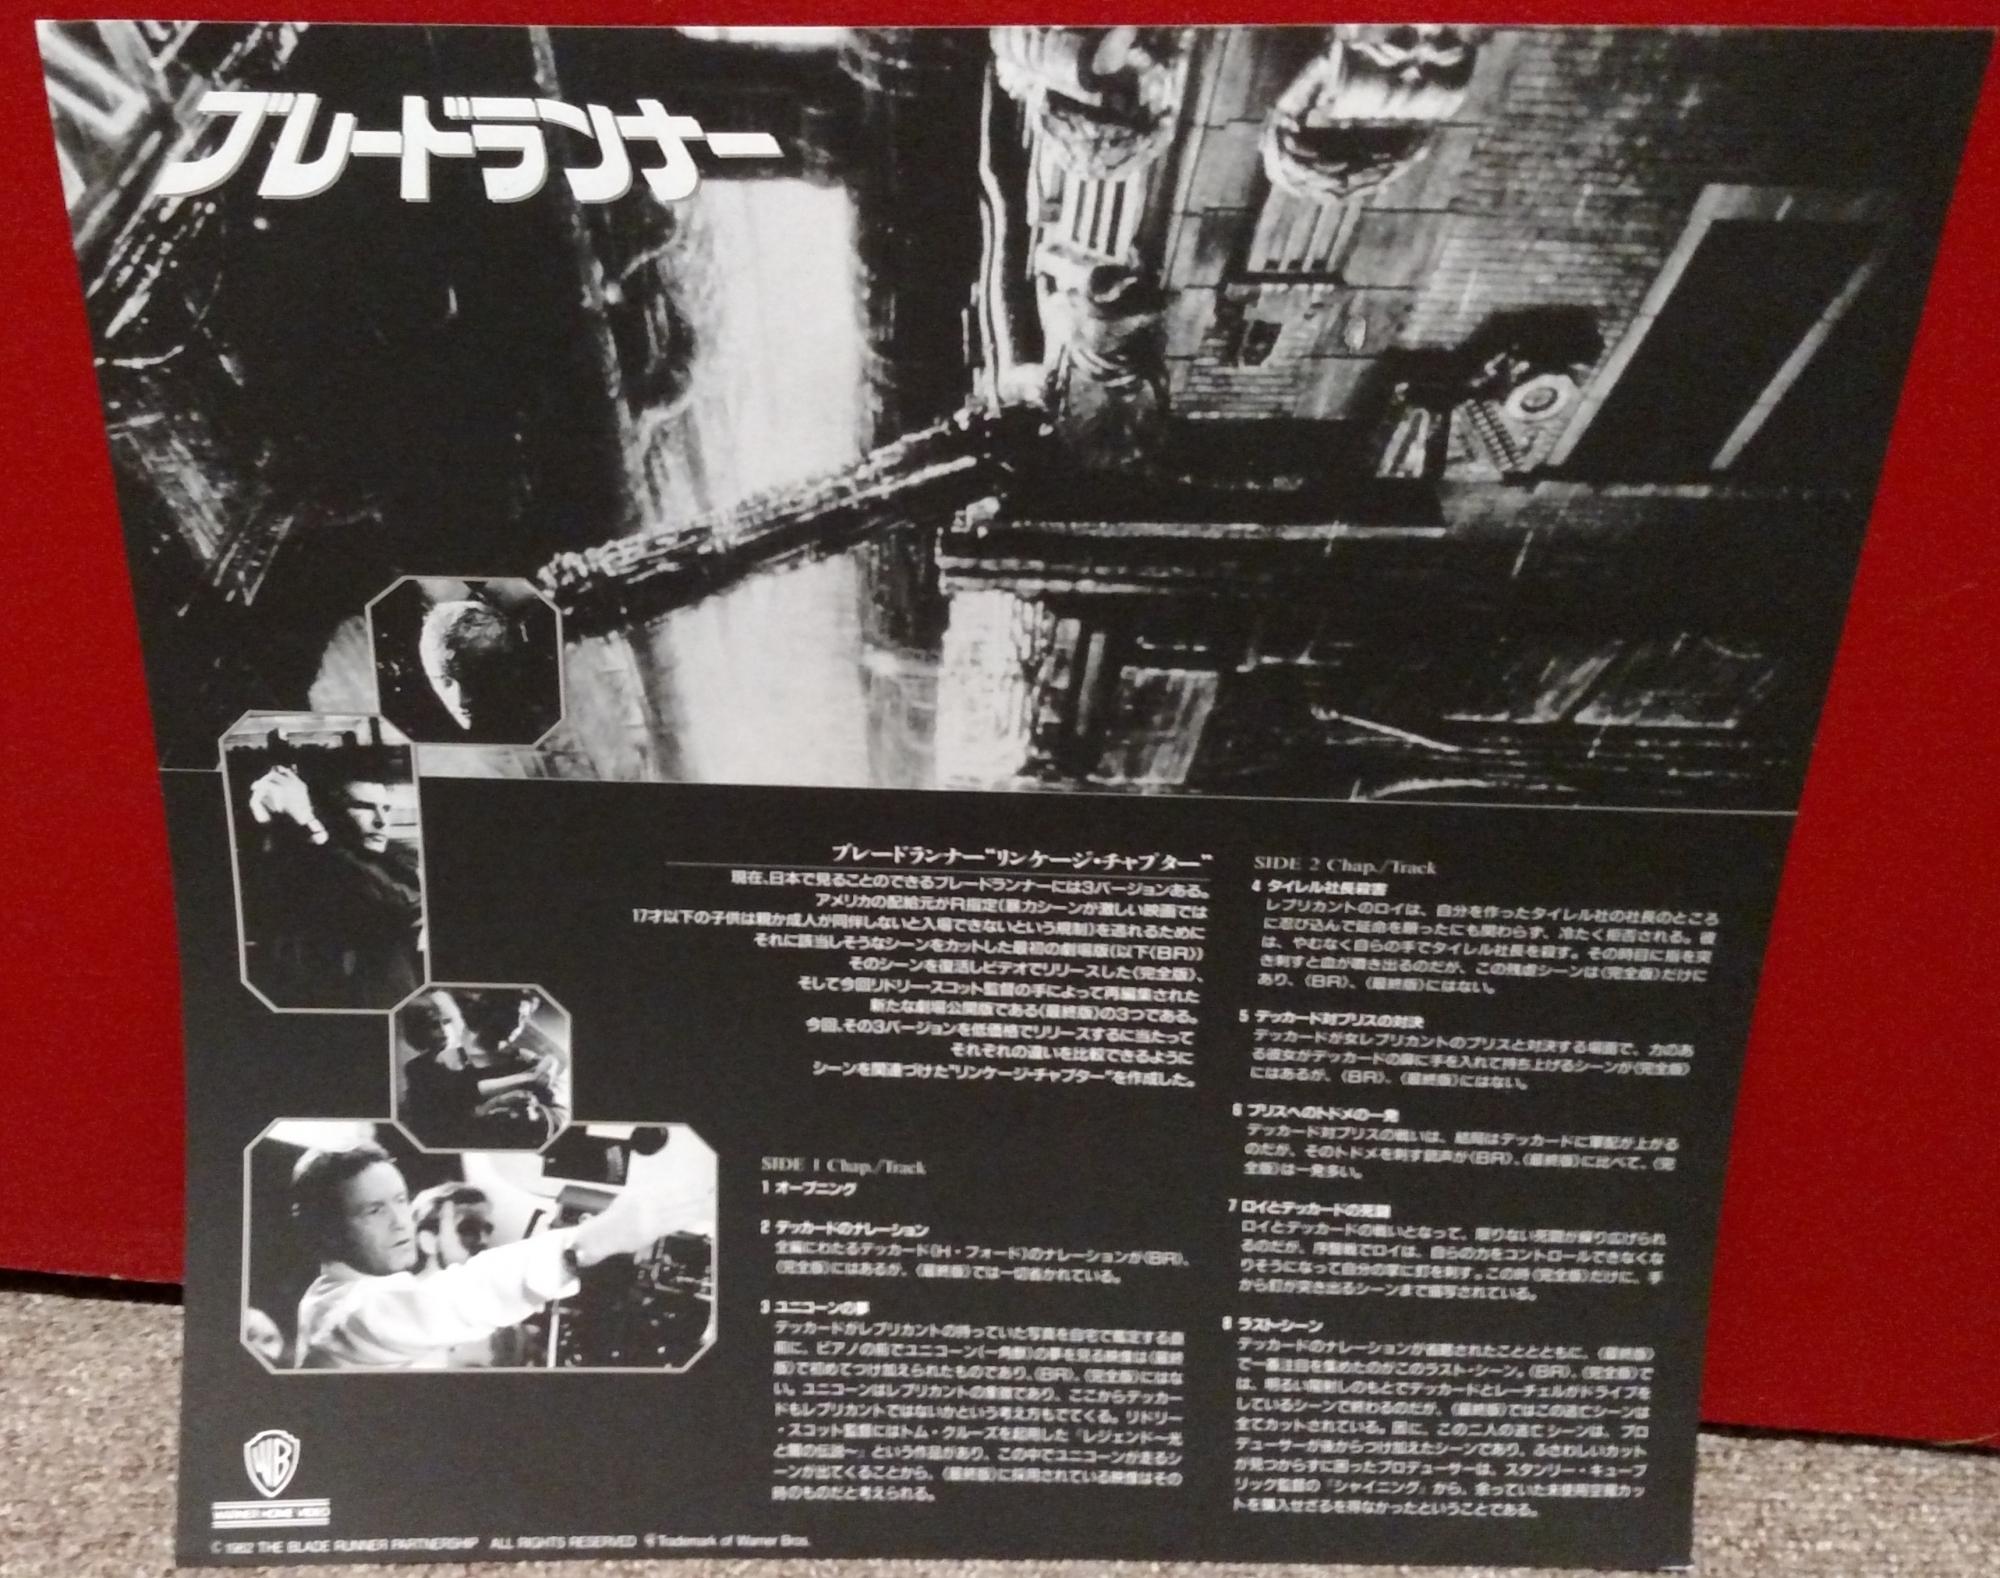 Blade Runner Laserdisc: WB Japan 1993 (insert front)